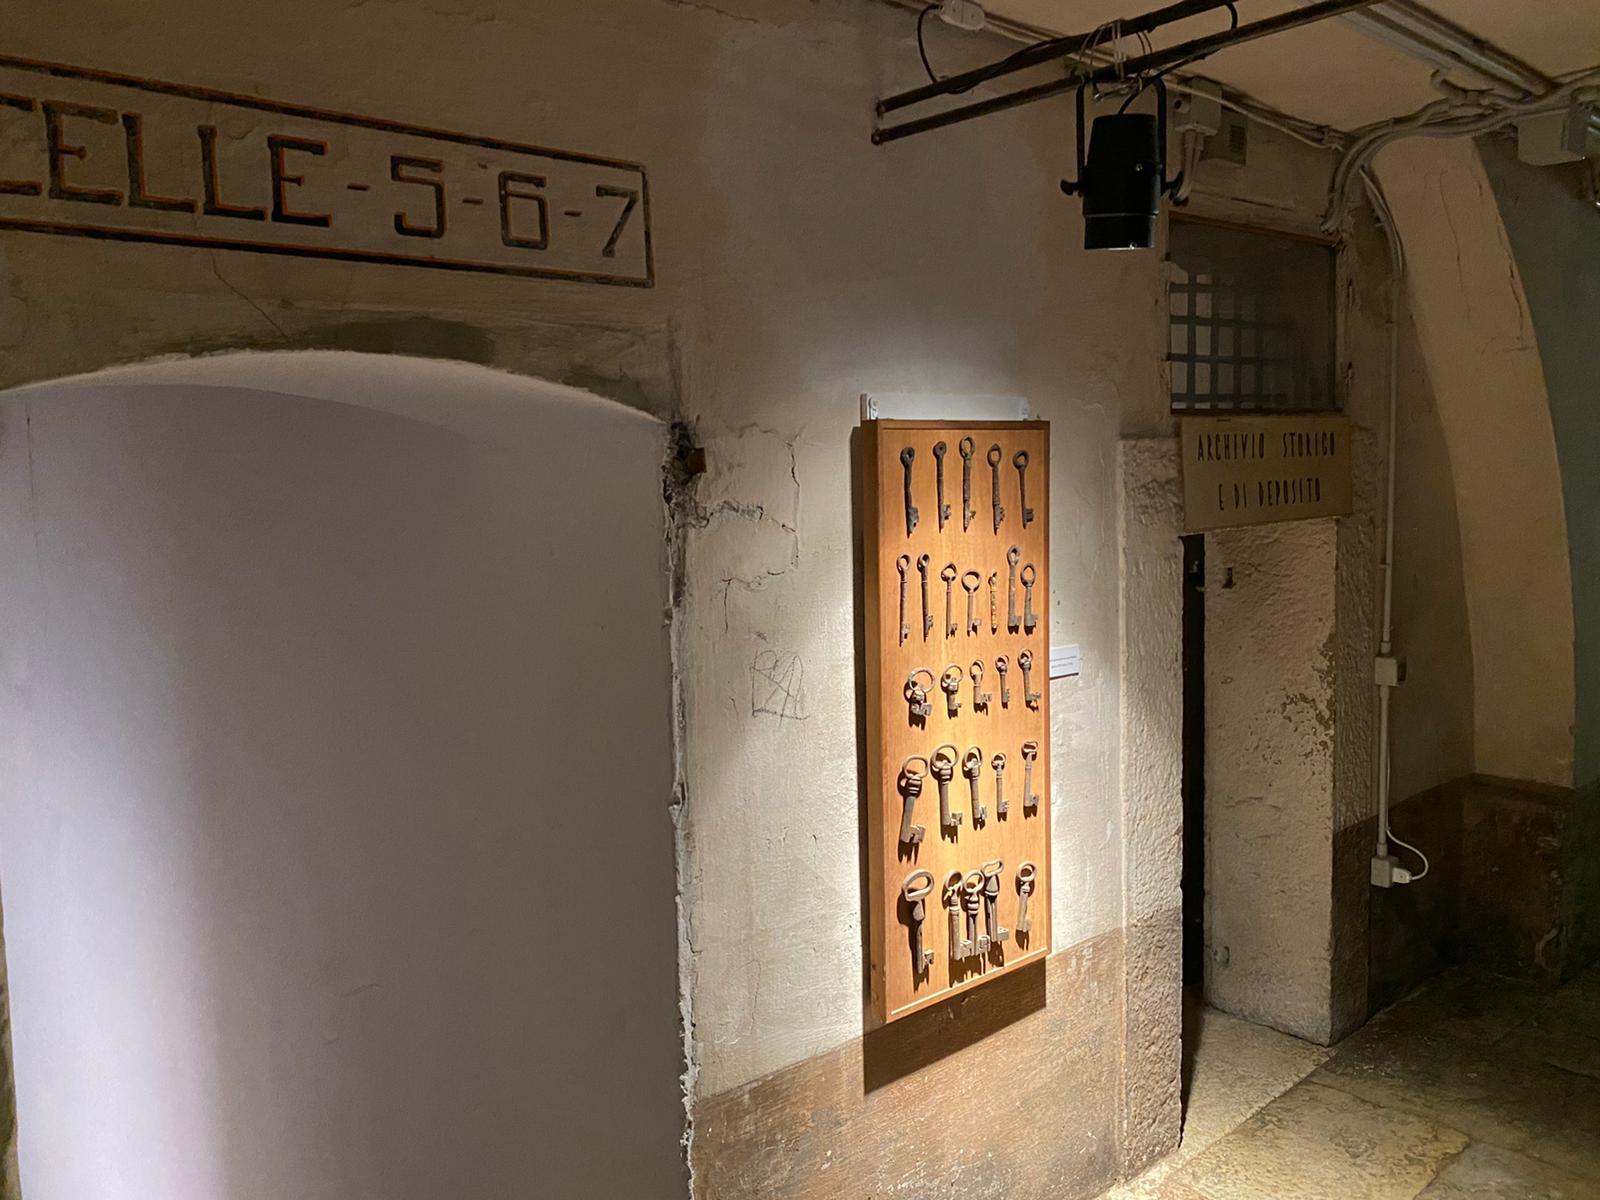 EX Prigioni di Feltre